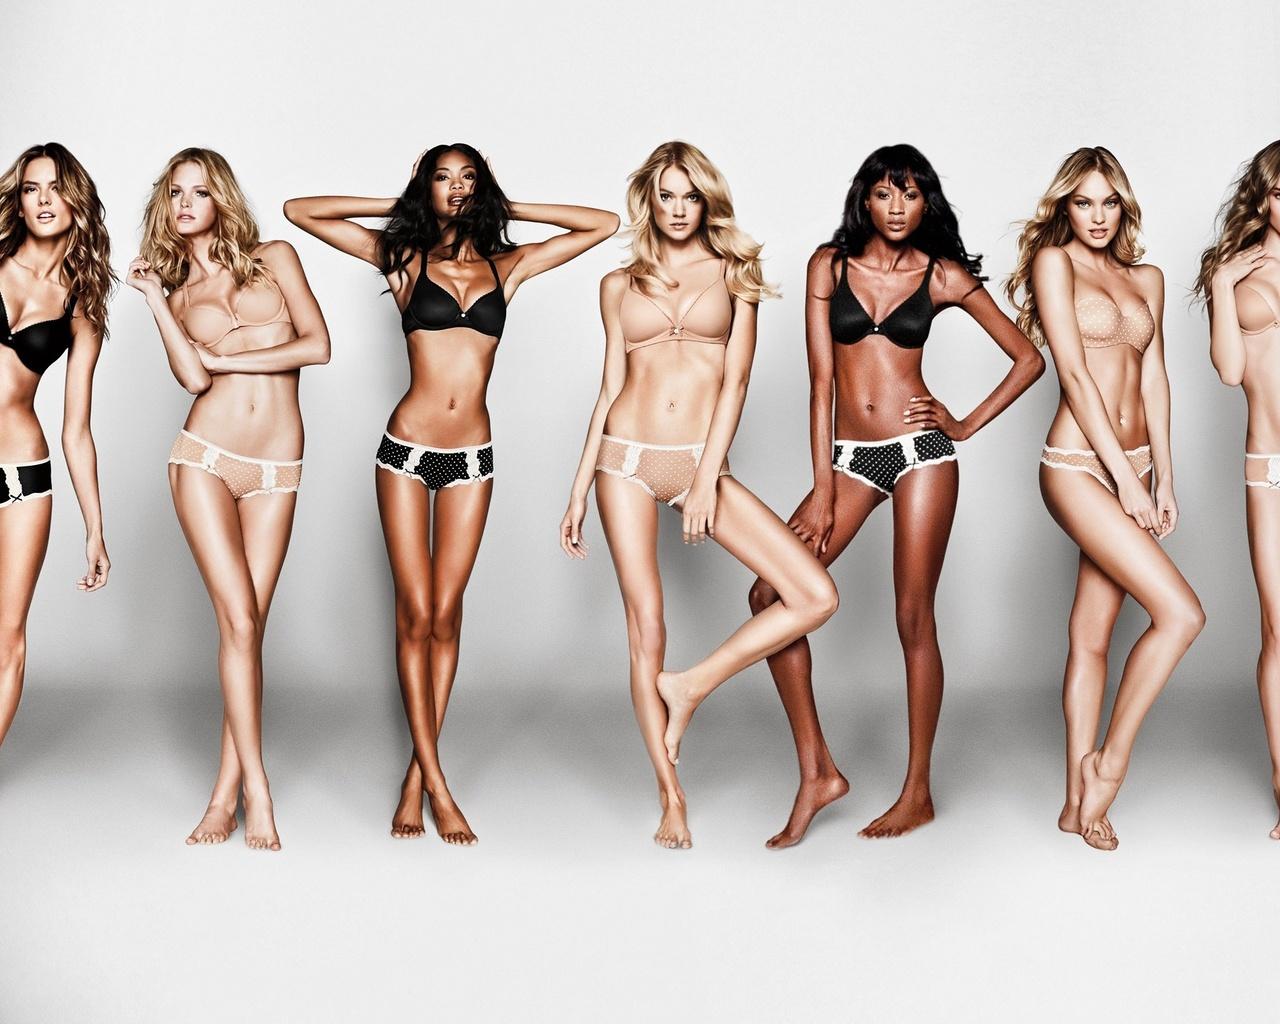 Иди и поешь: во Франции слишком худые модели теперь вне закона